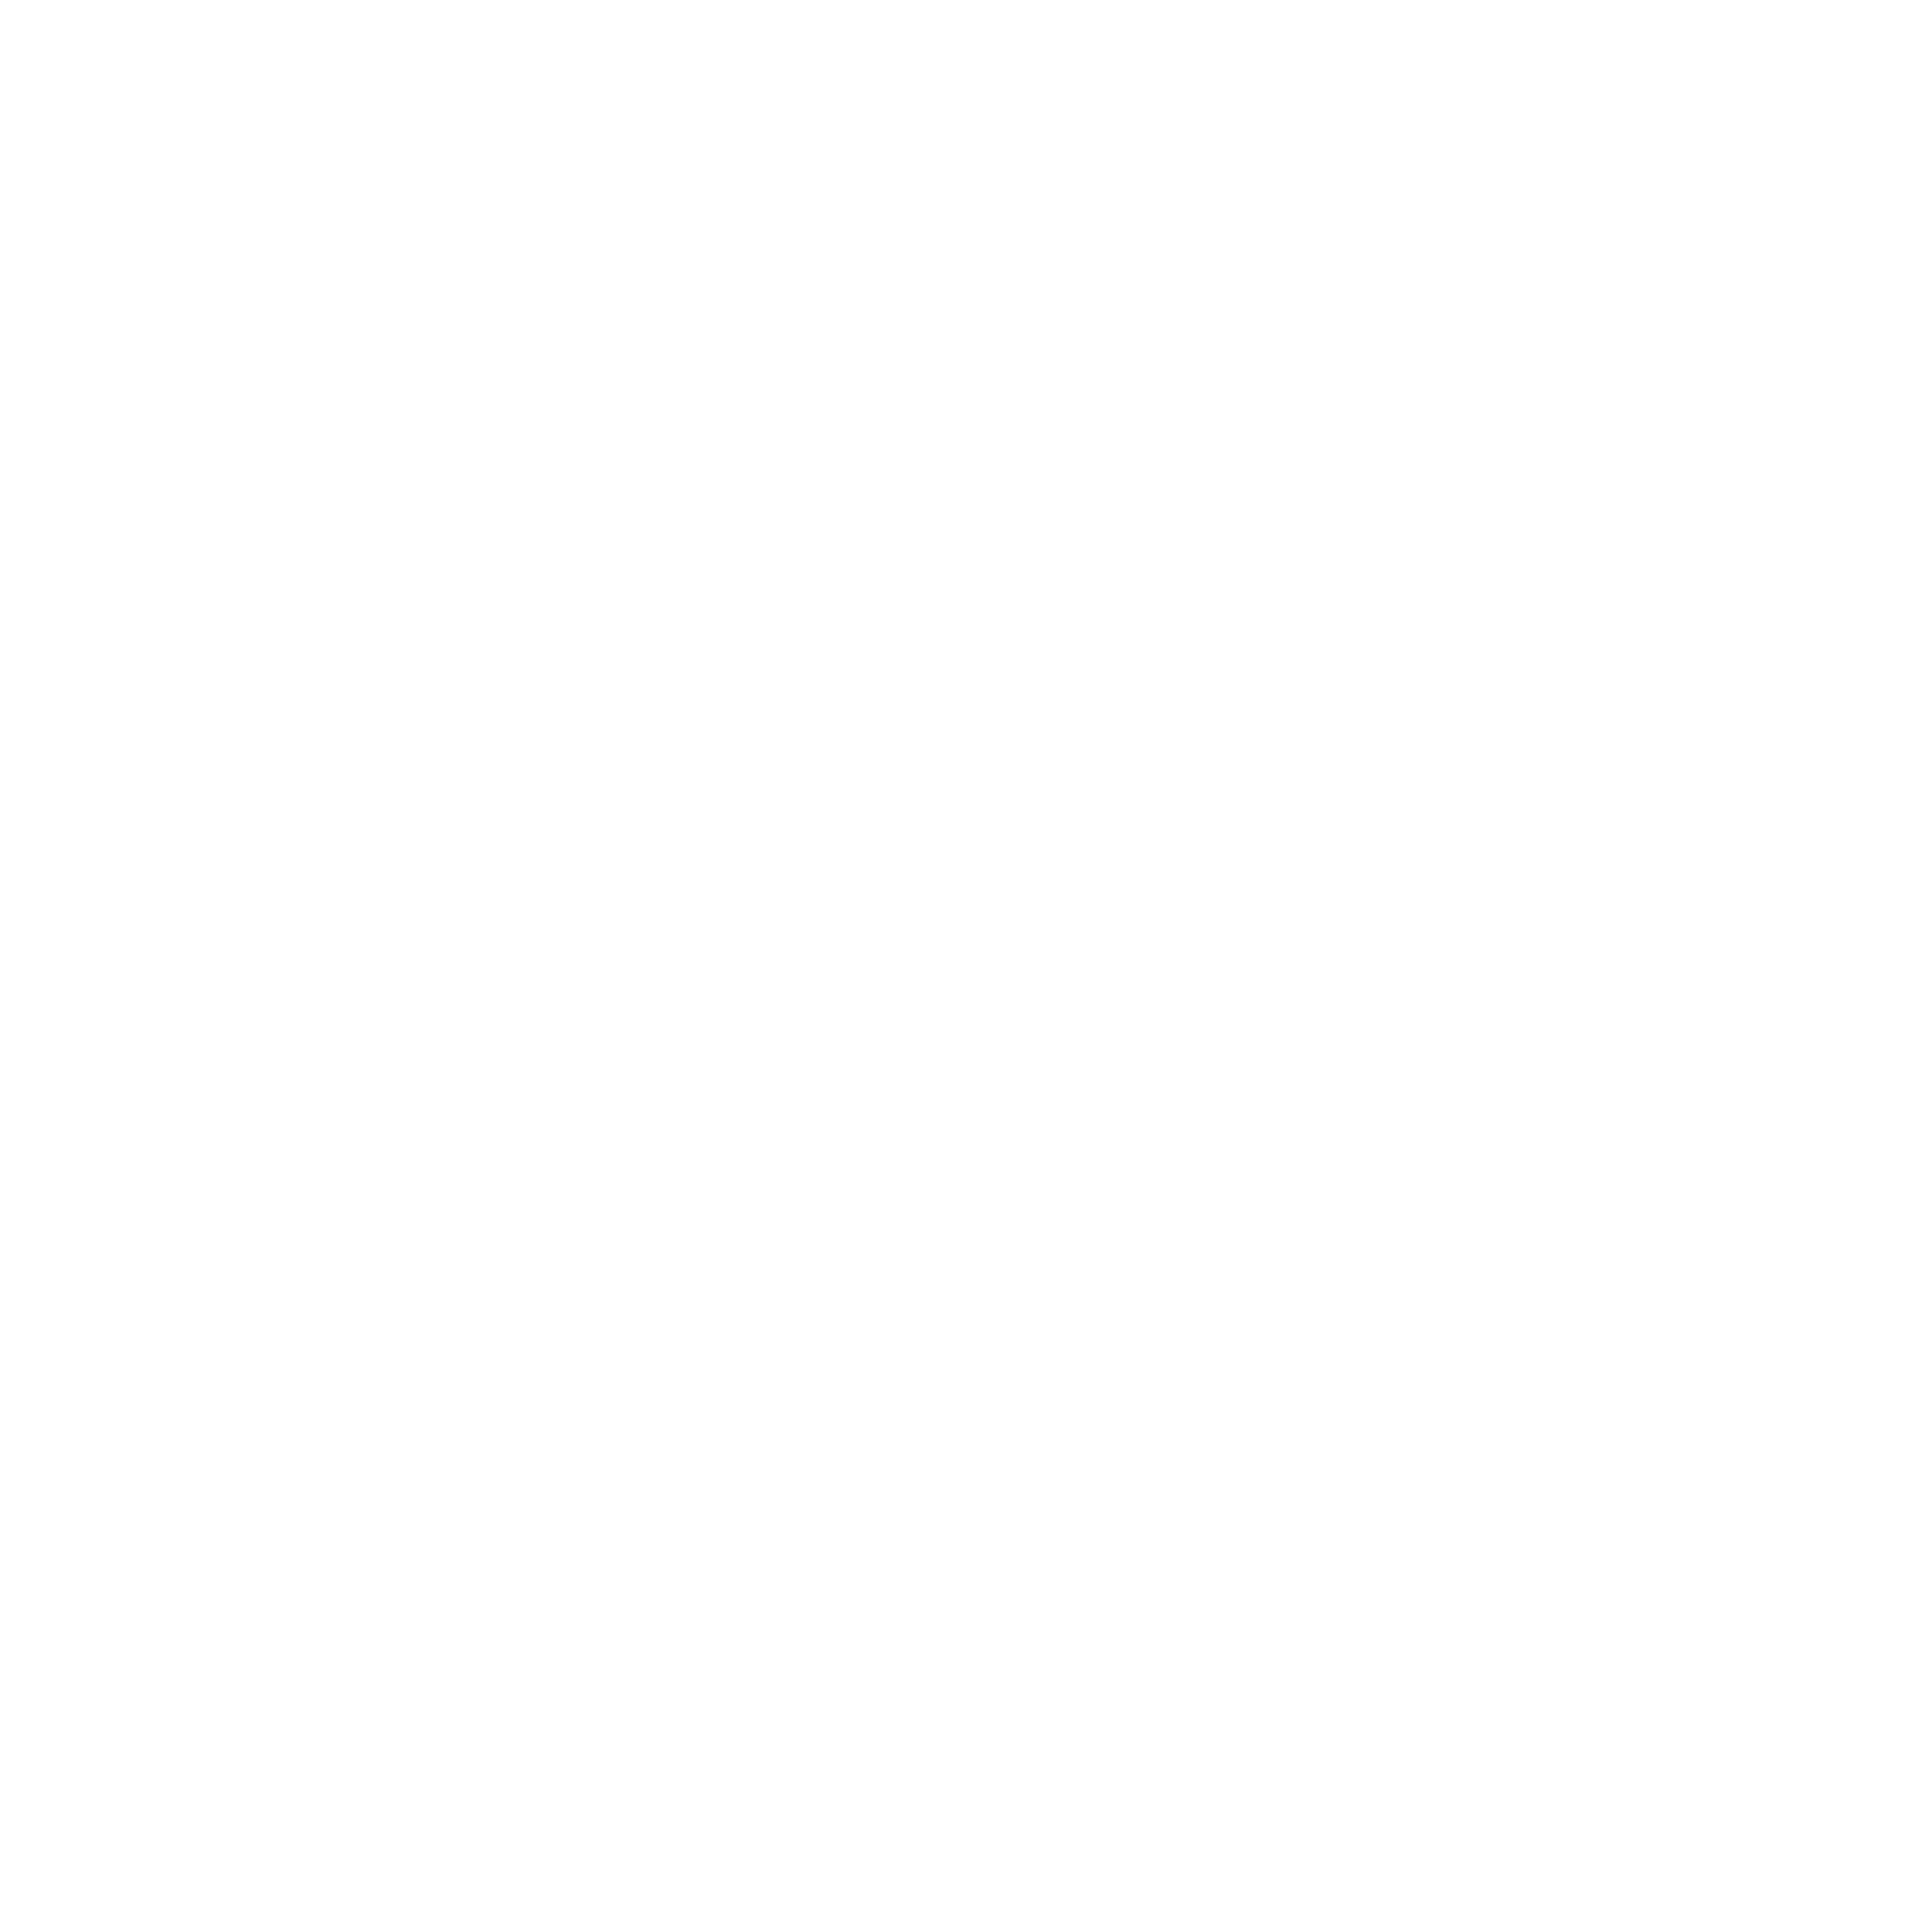 Image of a White Health Icon for Atikameksheng Trust